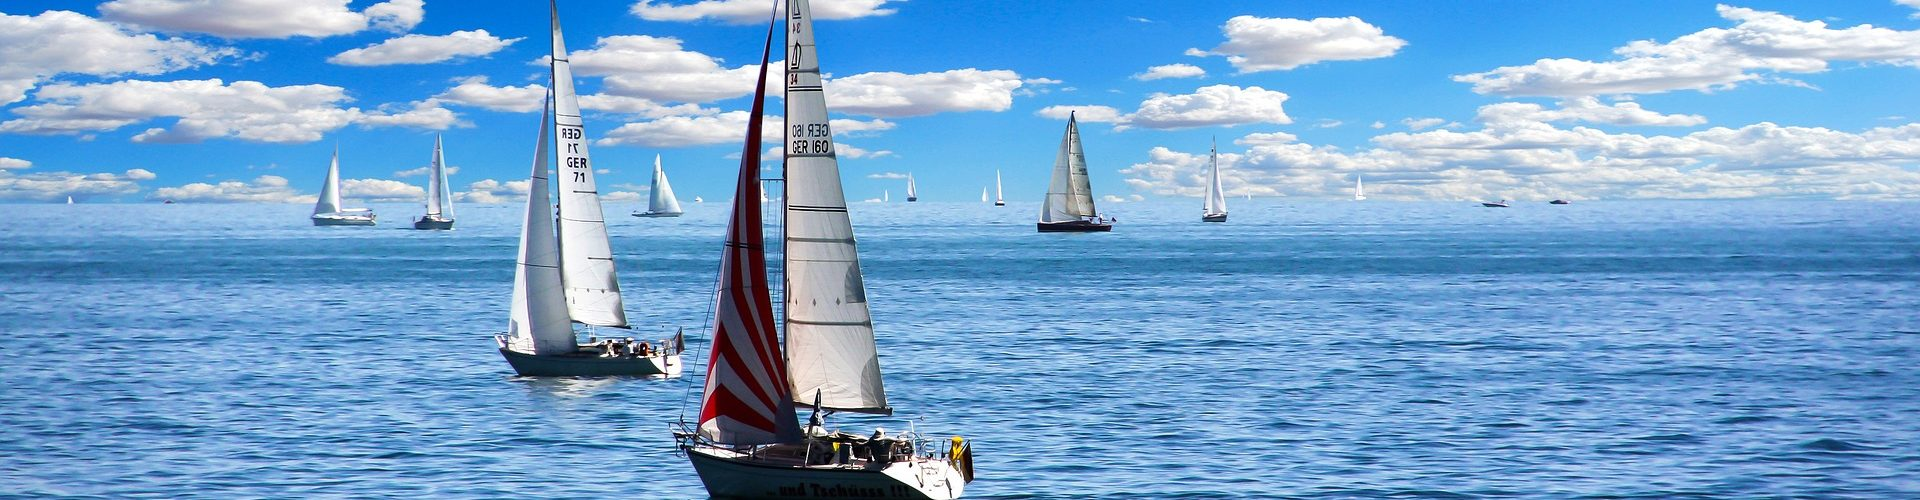 segeln lernen in Ladenburg segelschein machen in Ladenburg 1920x500 - Segeln lernen in Ladenburg